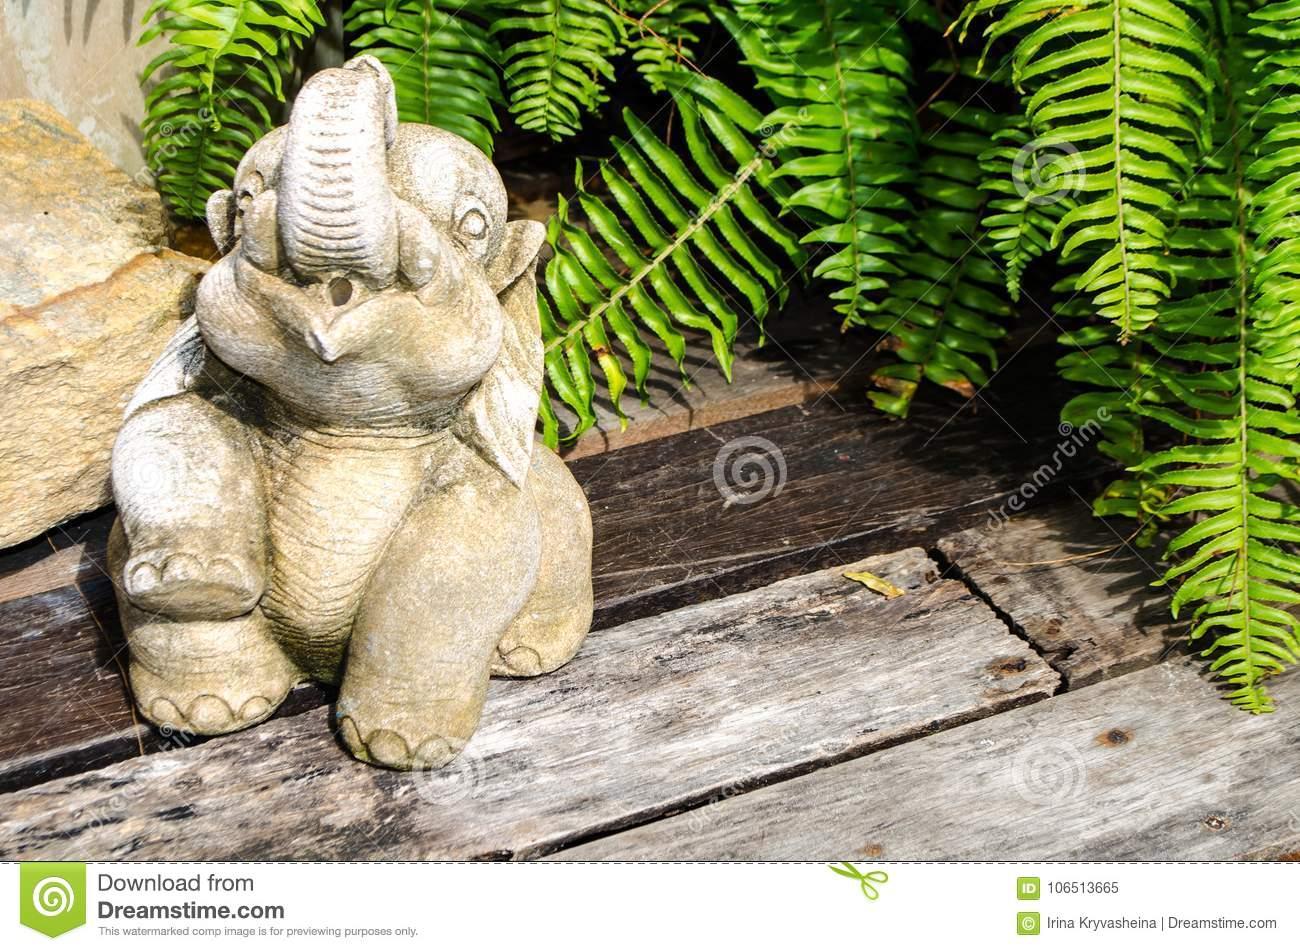 Full Size of Skulptur Eines Elefanten Vom Beton Fr Garten Stockbild Bild Von Lounge Sessel Zaun Essgruppe Loungemöbel Spielhäuser Bewässerungssystem Schallschutz Wohnzimmer Skulptur Garten